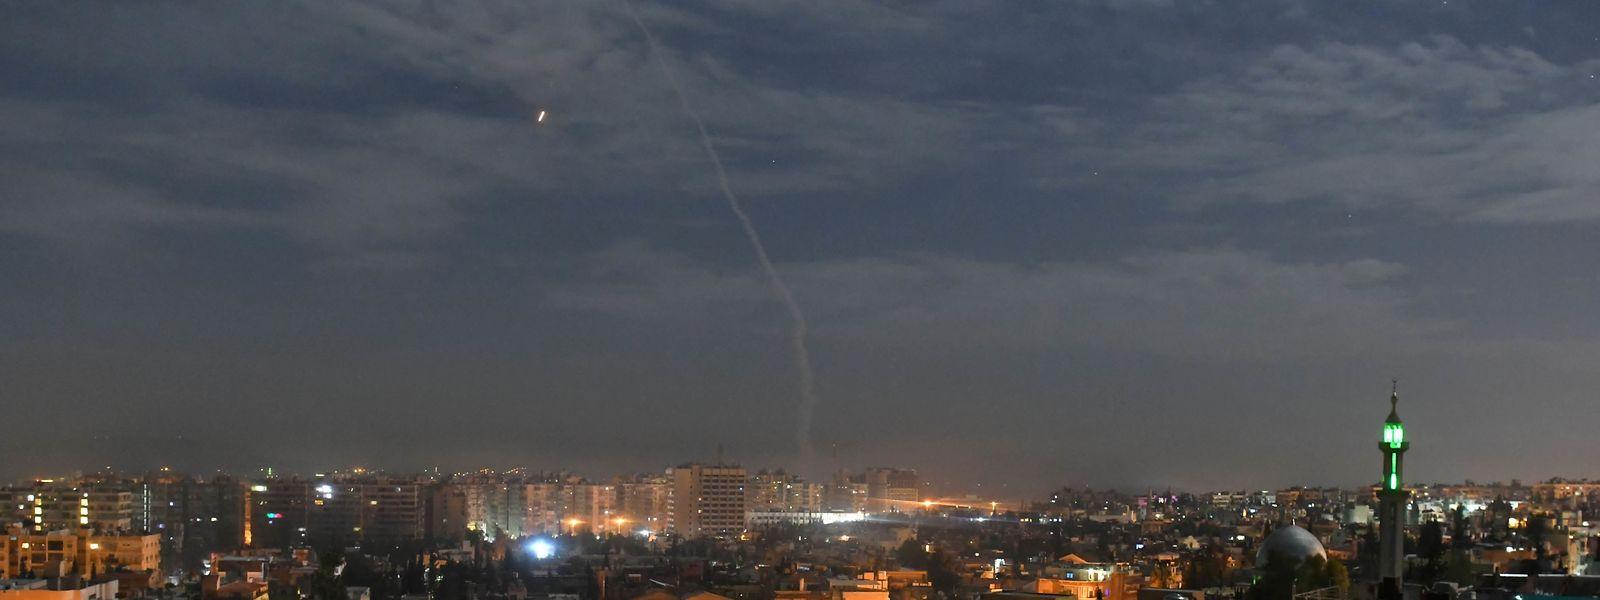 Israelische Raketen im Himmel über Damaskus.